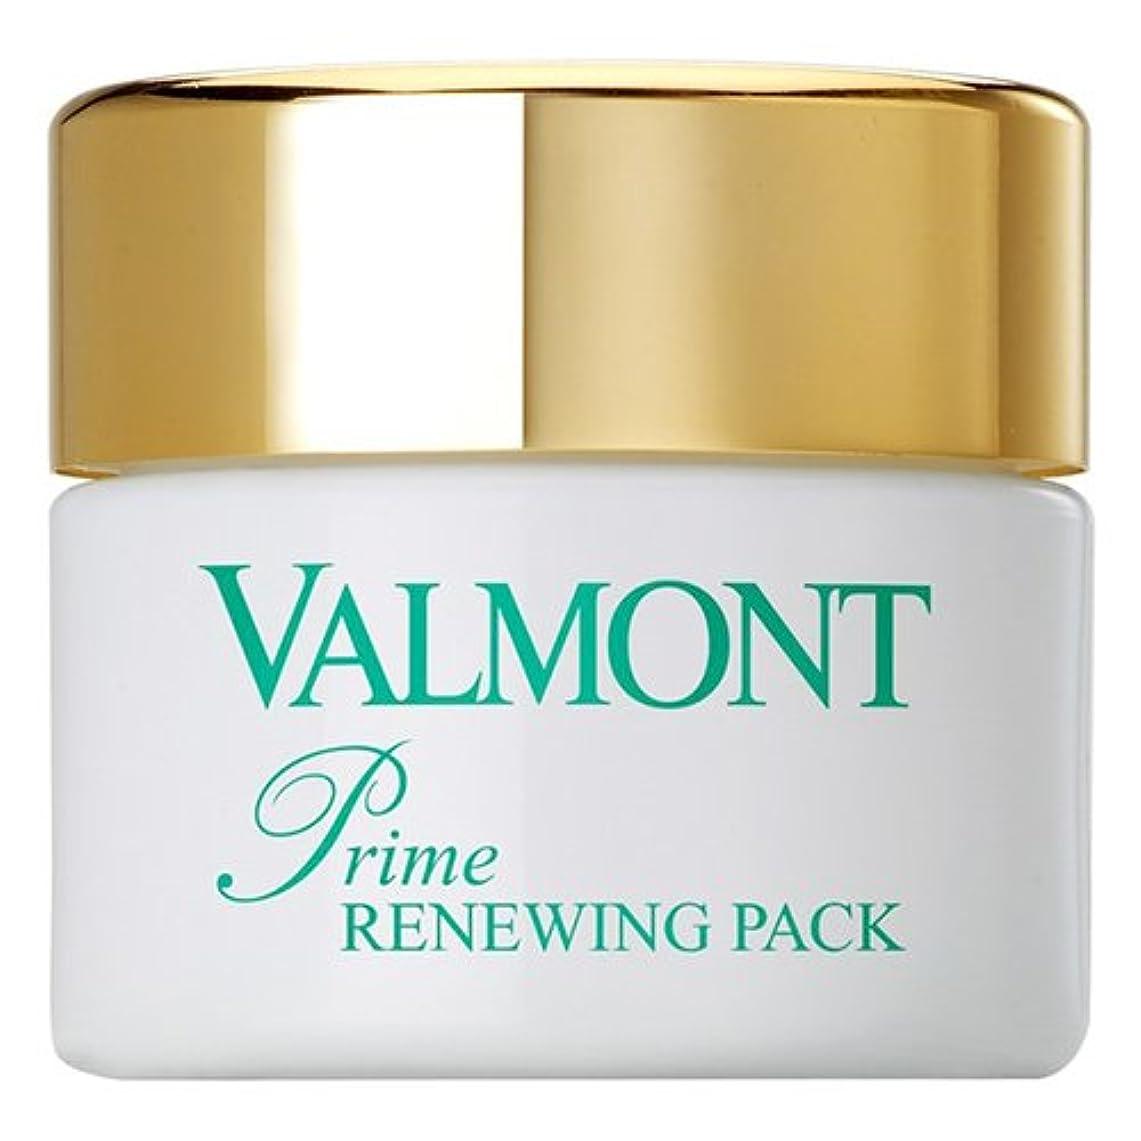 オリエンタルピン信号Valmont Prime Renewing Pack, 7.0 Ounce エイジングケアマスク クリーム